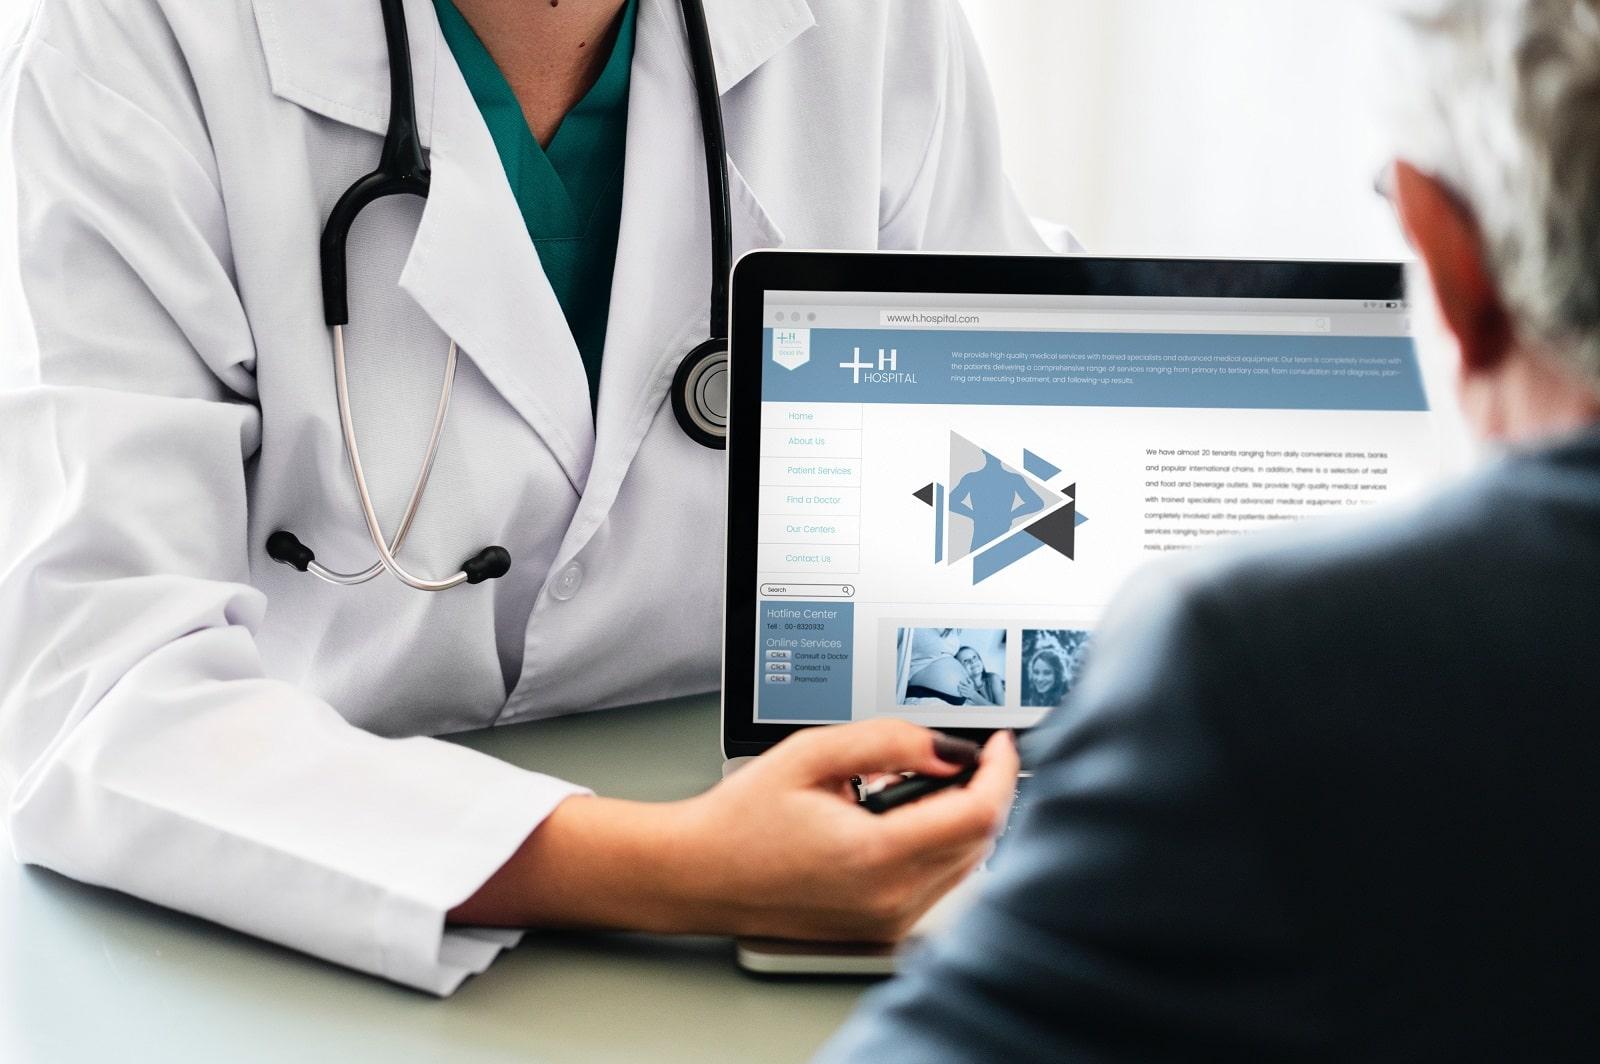 Zahnarzt Arzt Online Marketing